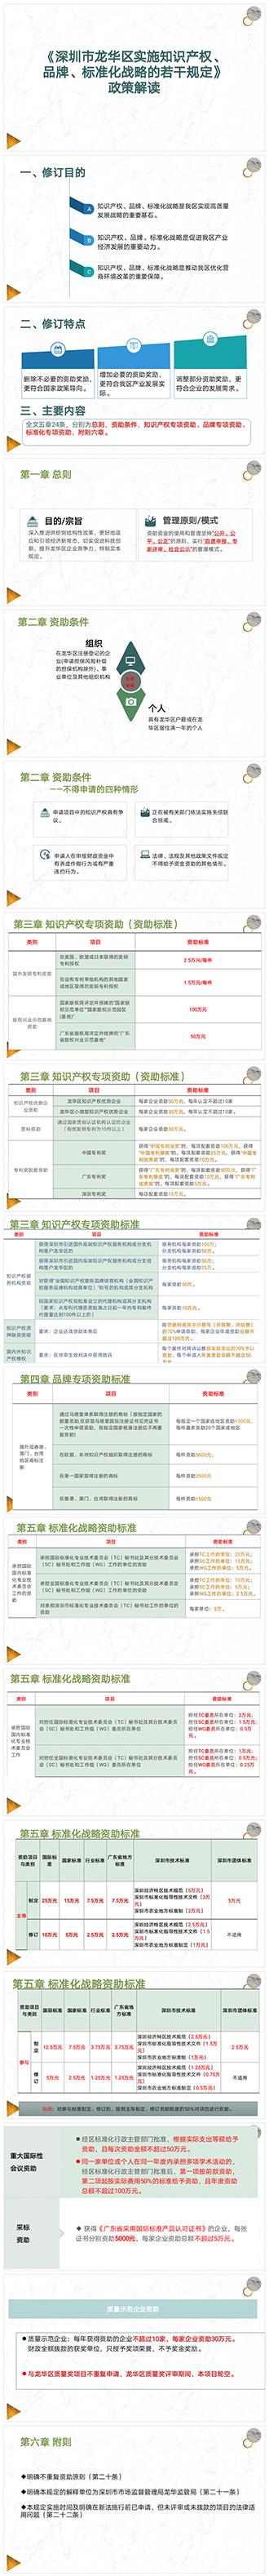 图解:《深圳市龙华区实施知识产权、品牌、标准化战略的若干规定》.png